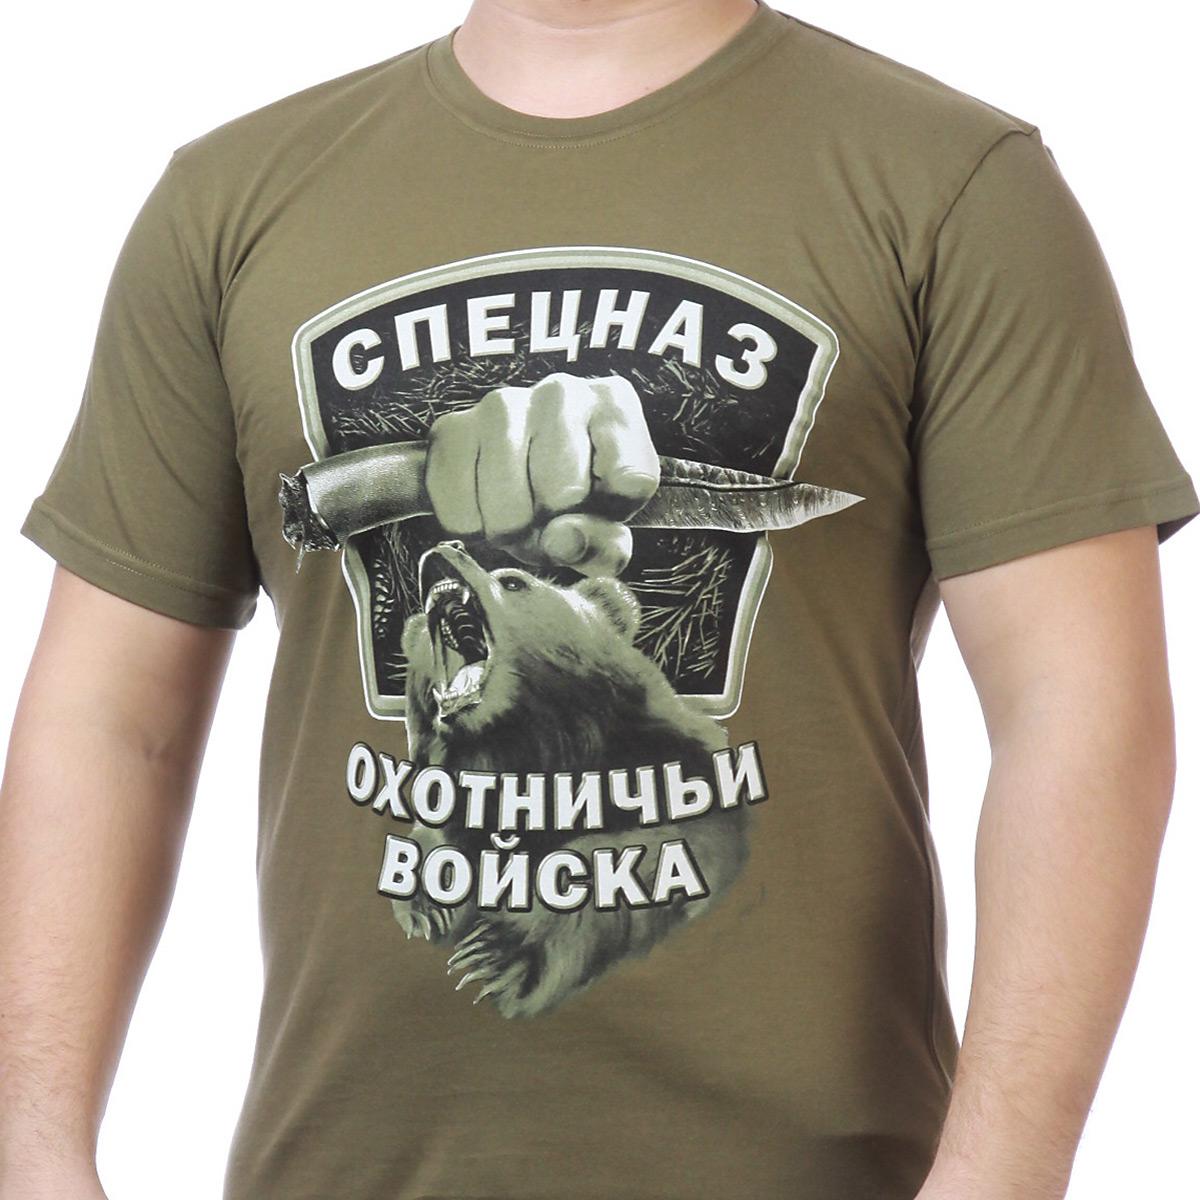 Мужская футболка с медведем